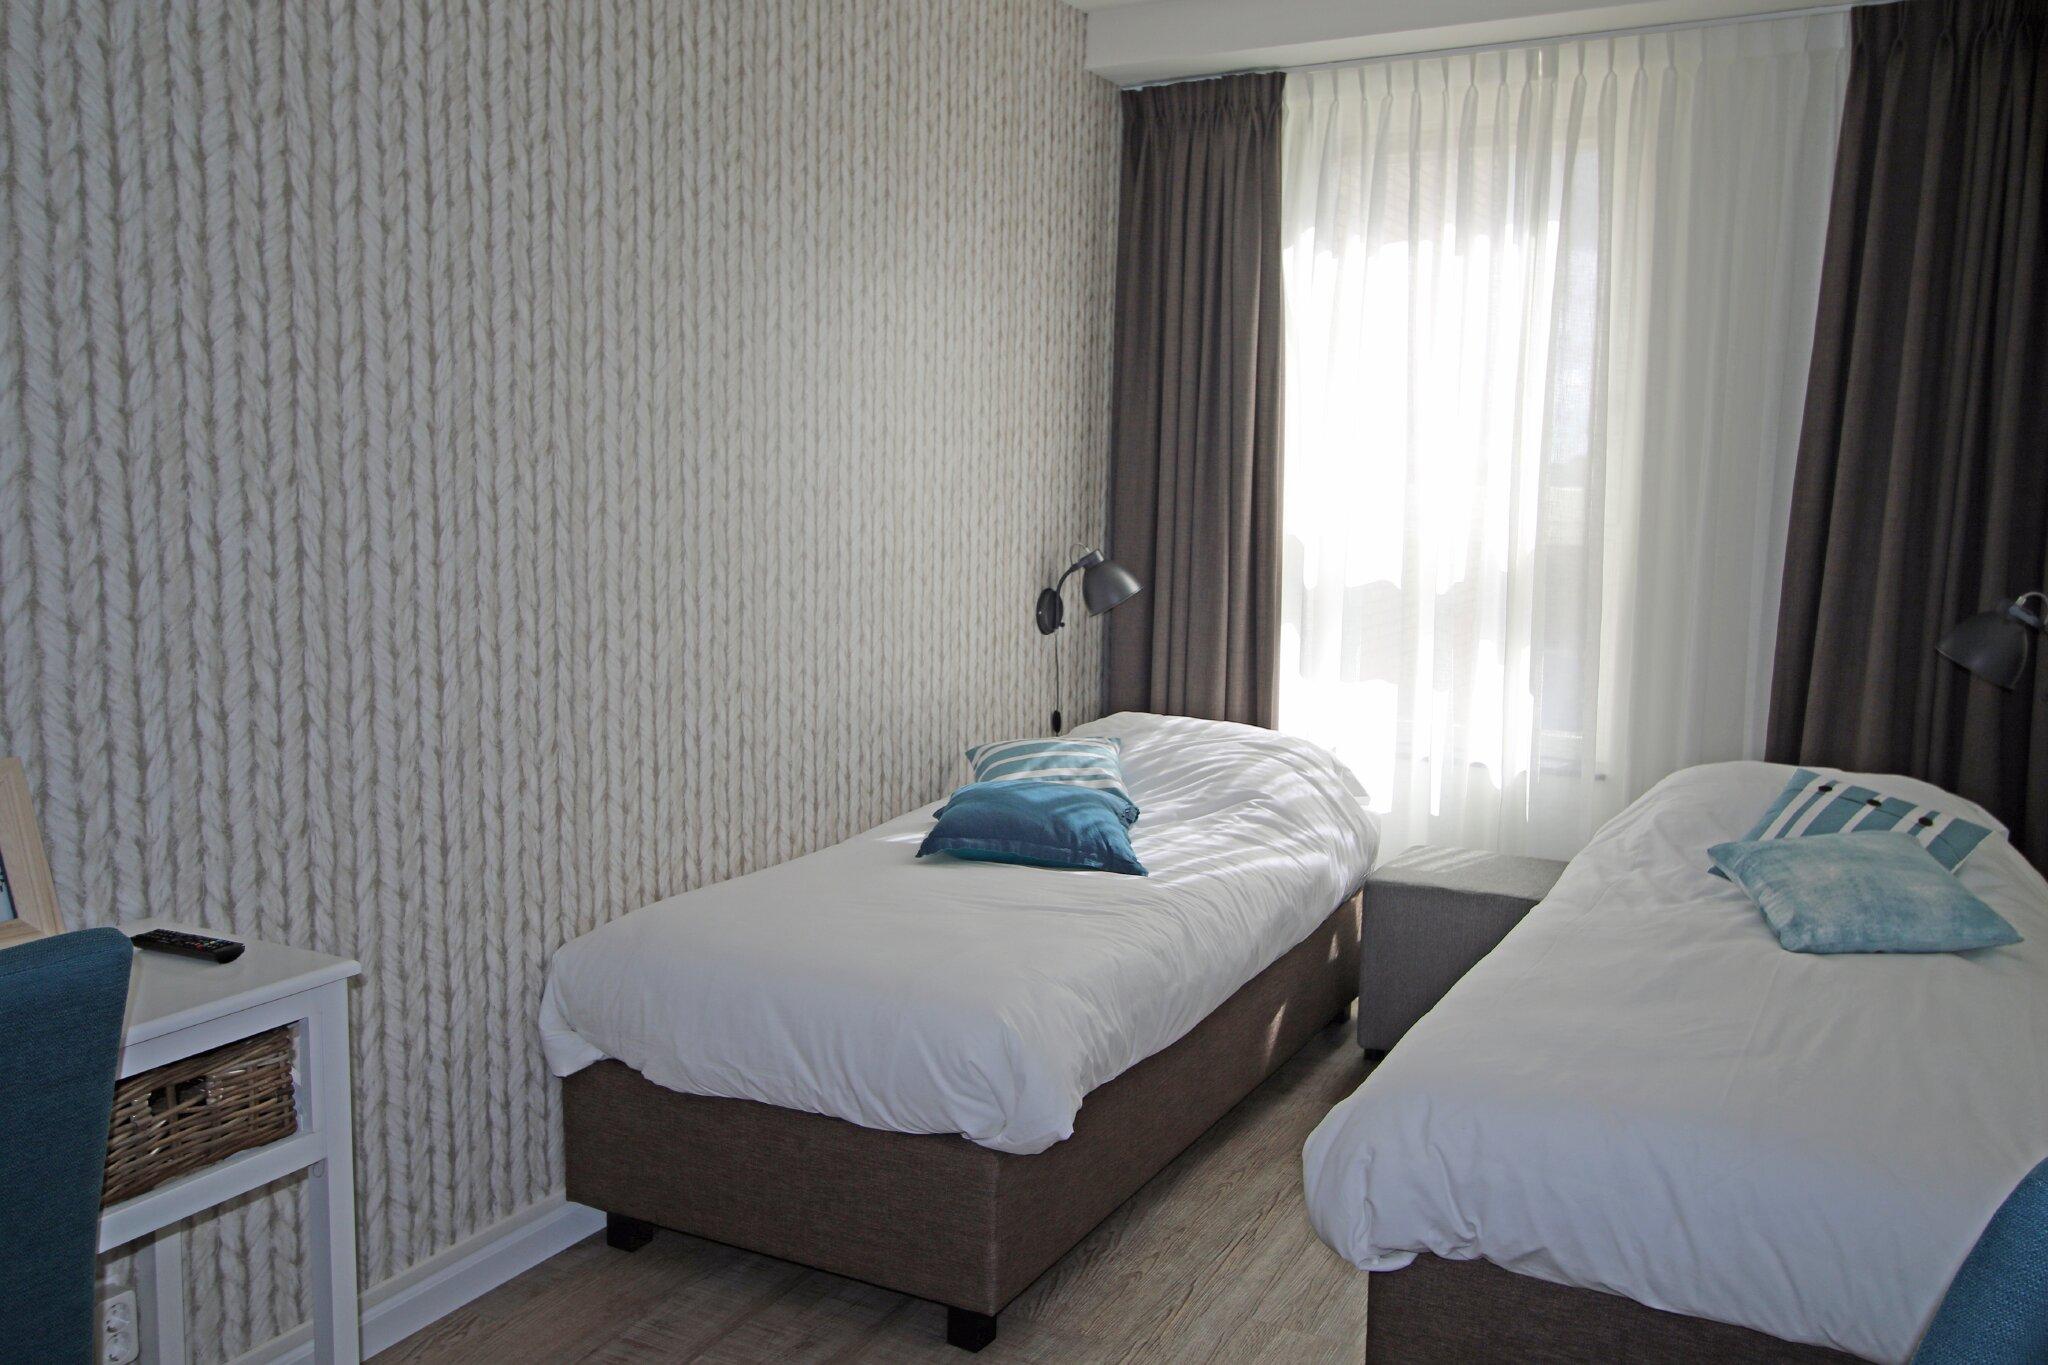 Schalfzimmer 2, 2 Einzelbette 90x210